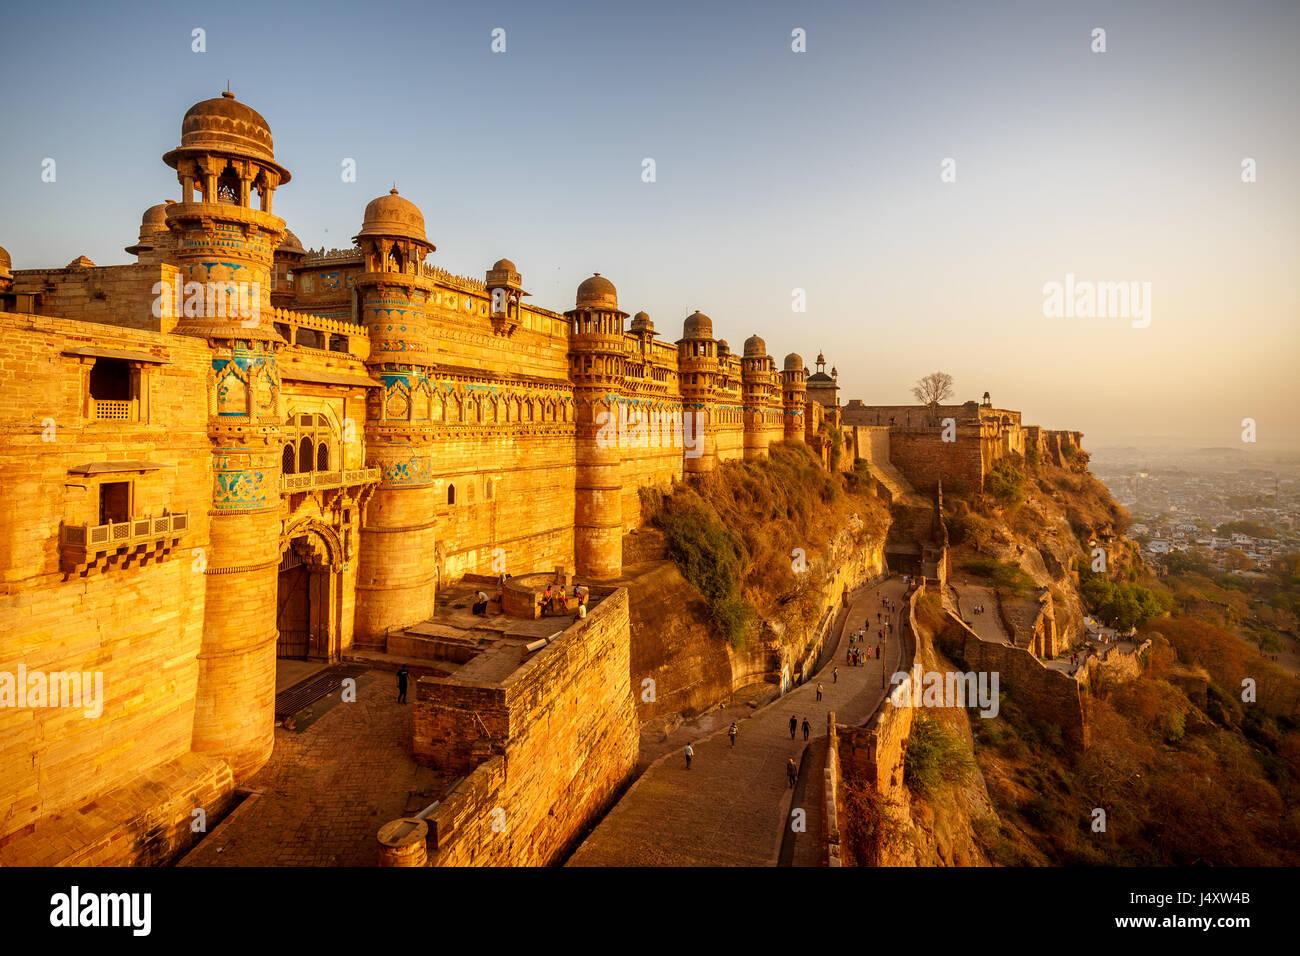 Gwalior Fort , Man Mandir, Gwalior,India Stock Photo